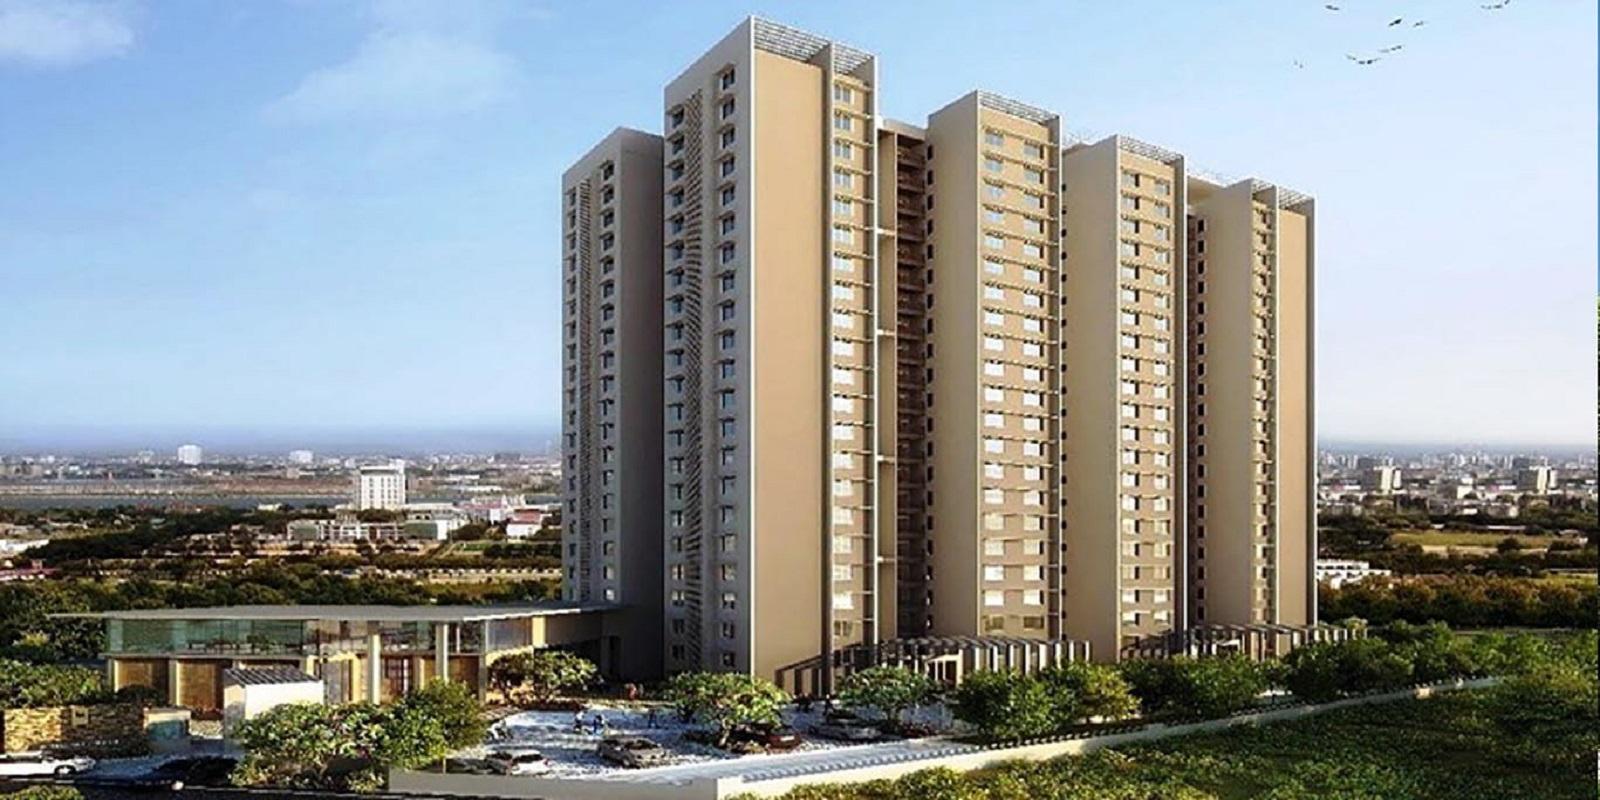 sobha avenue project large image1